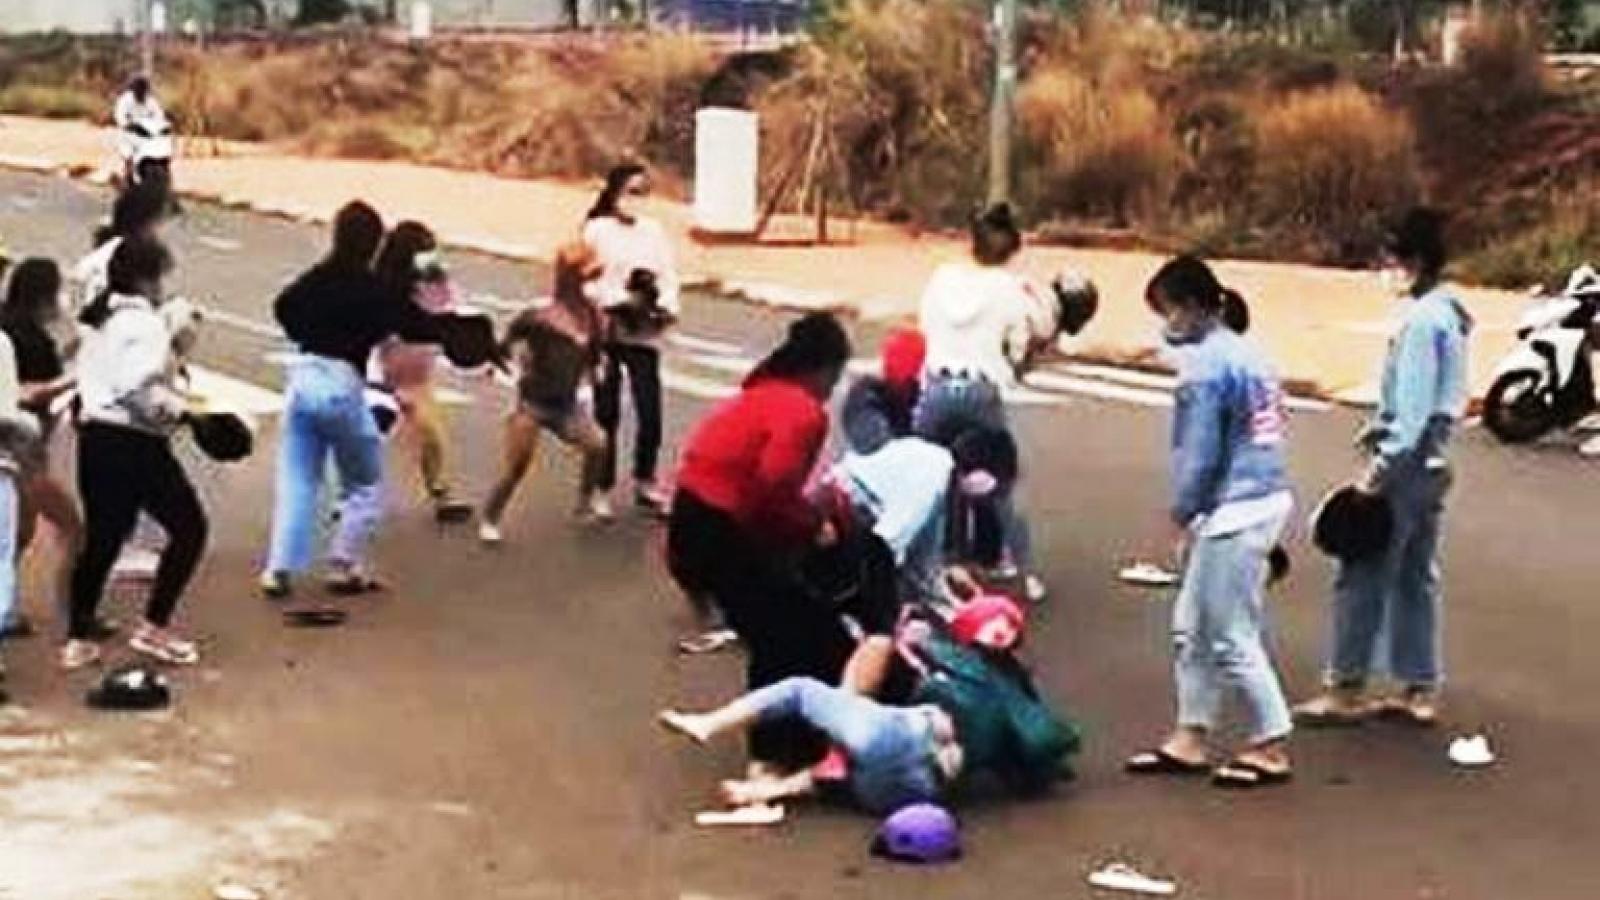 Xác minh nguyên nhân nhóm nữ sinh Bình Phước tụ tập đánh nhau